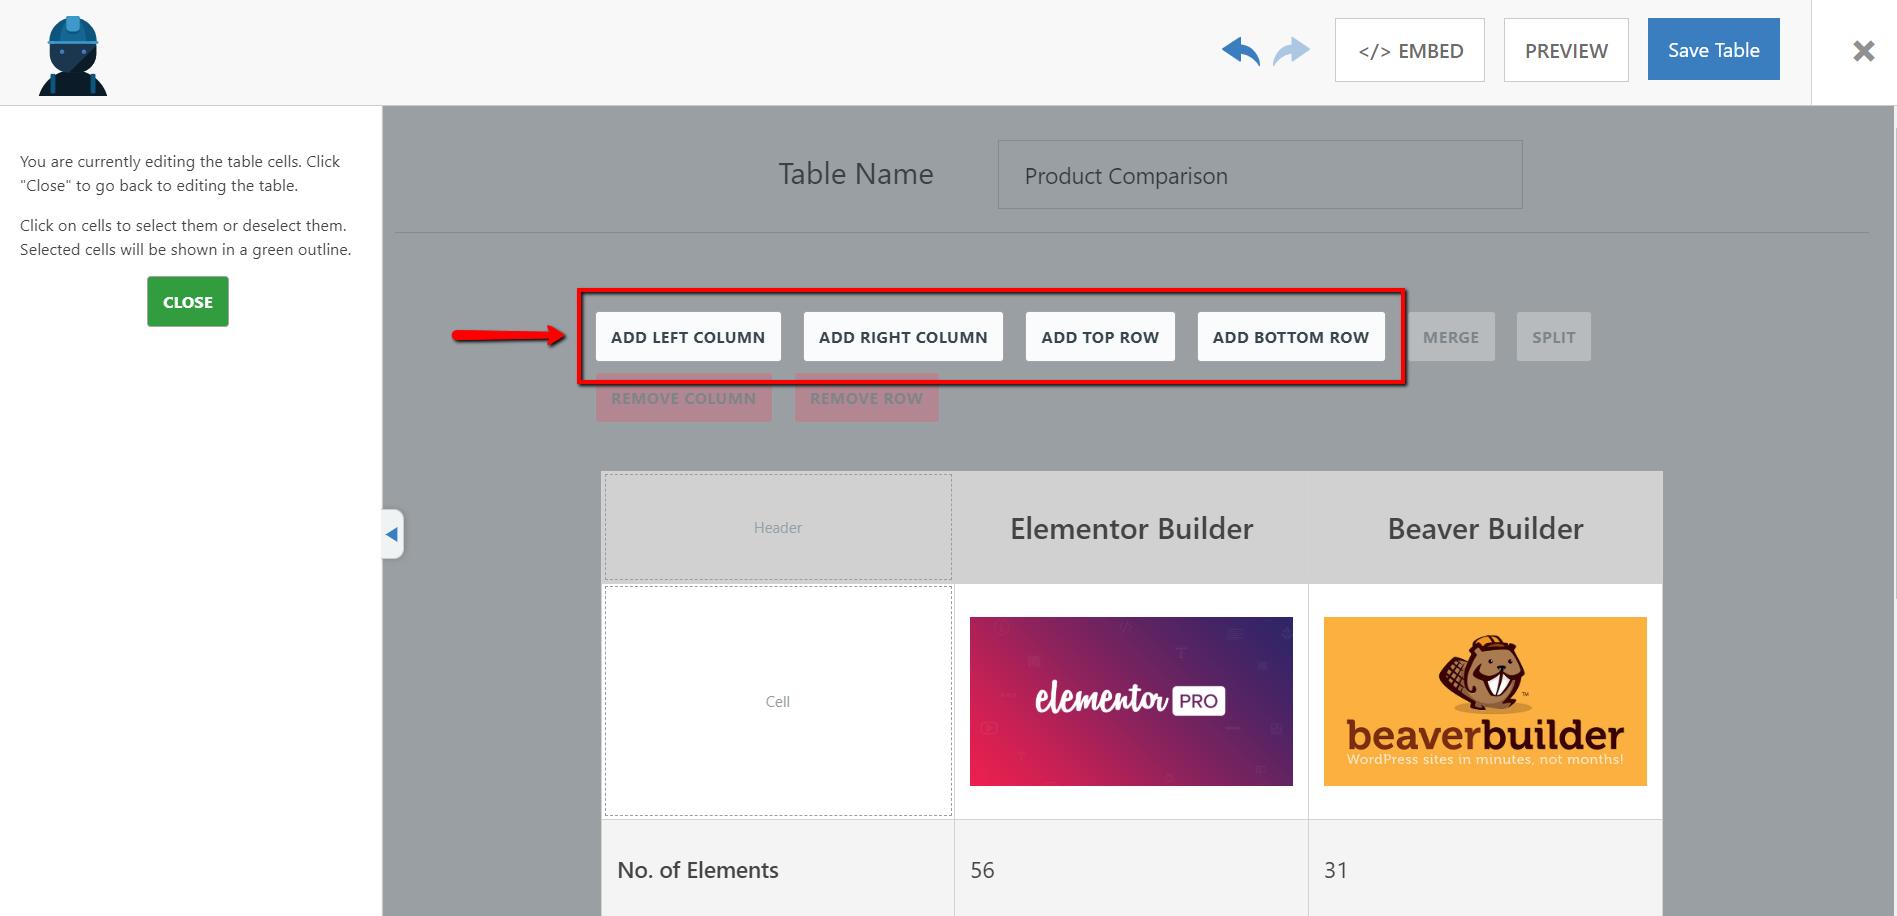 Как бесплатно создать таблицу сравнения продуктов на WordPress при помощи плагина WP Table Builder